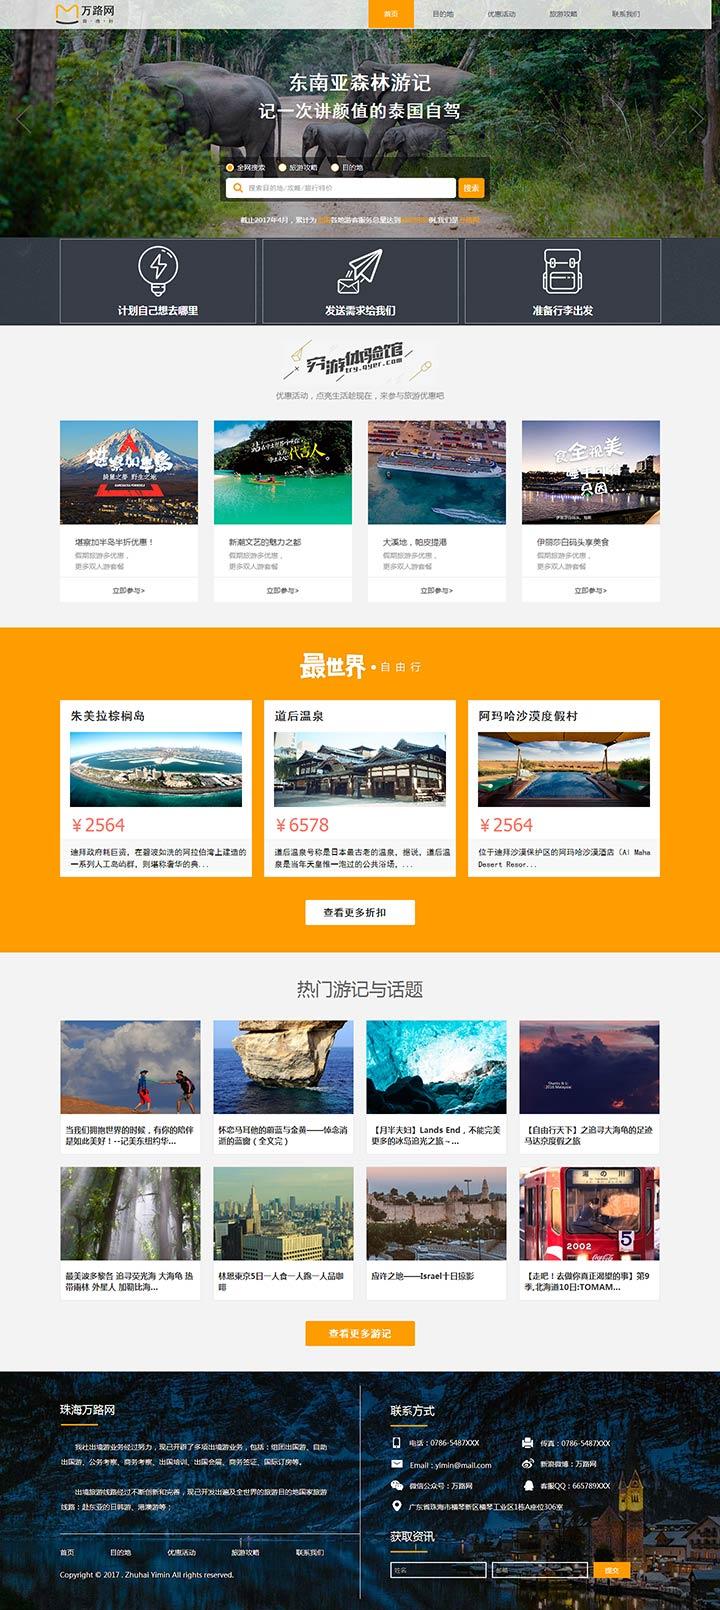 旅游行业展示型网站